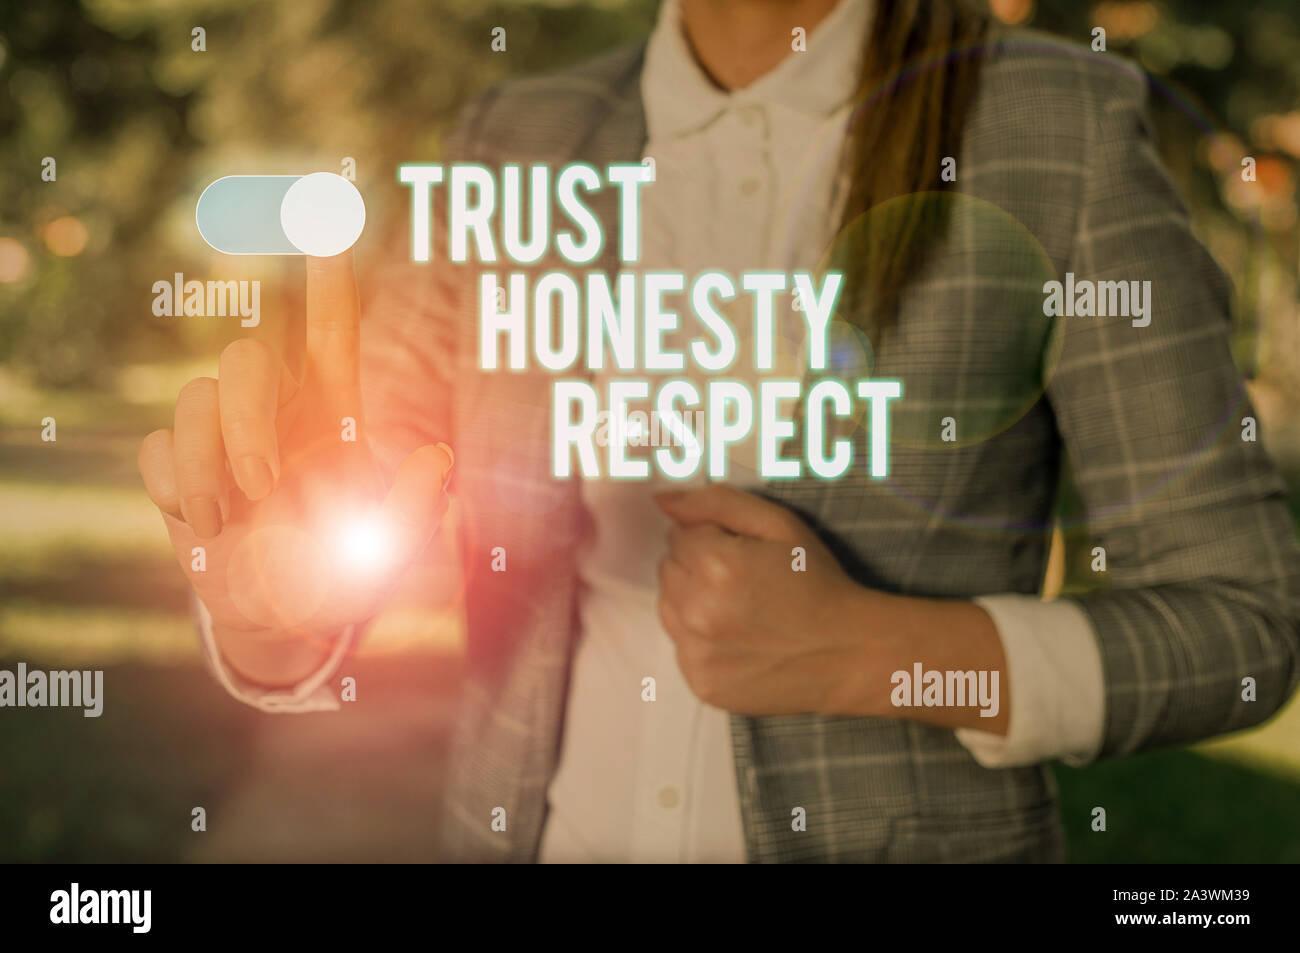 Signo de texto mostrar confianza honestidad respeto. Foto de negocios mostrando rasgos respetable una faceta de buen carácter moral mujer traje de trabajo formal desgaste pres Foto de stock